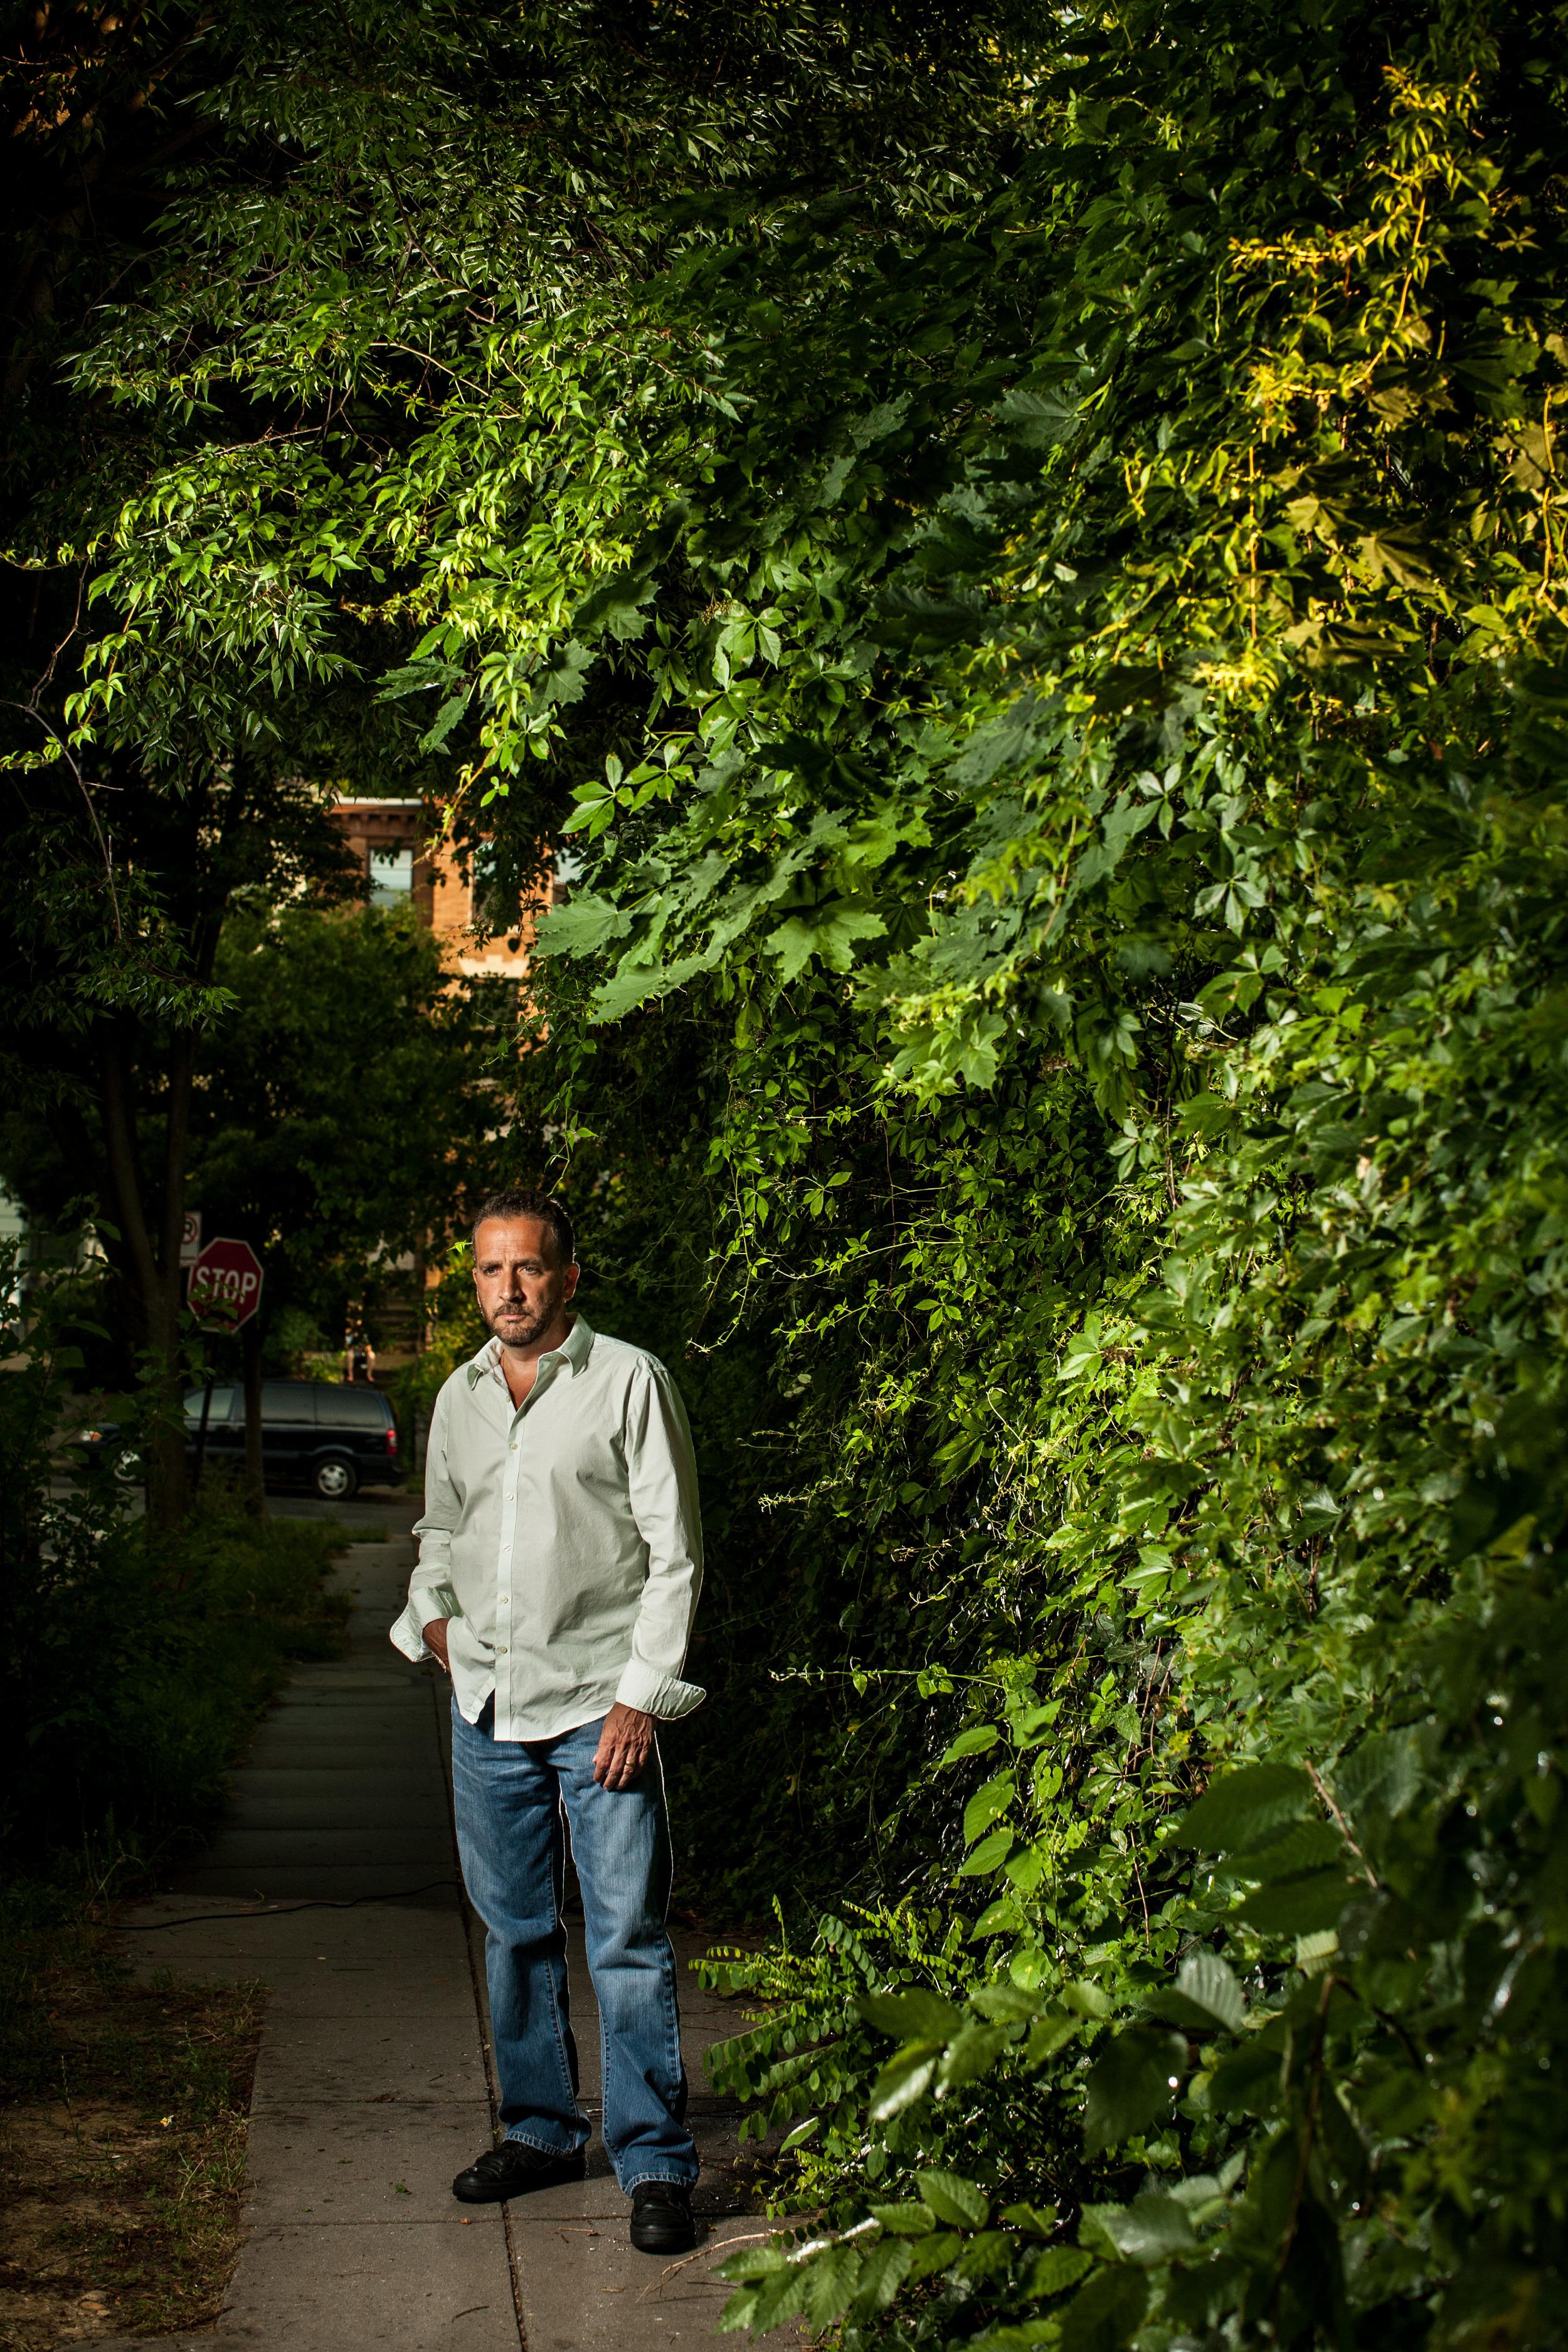 Author George Pelecanos